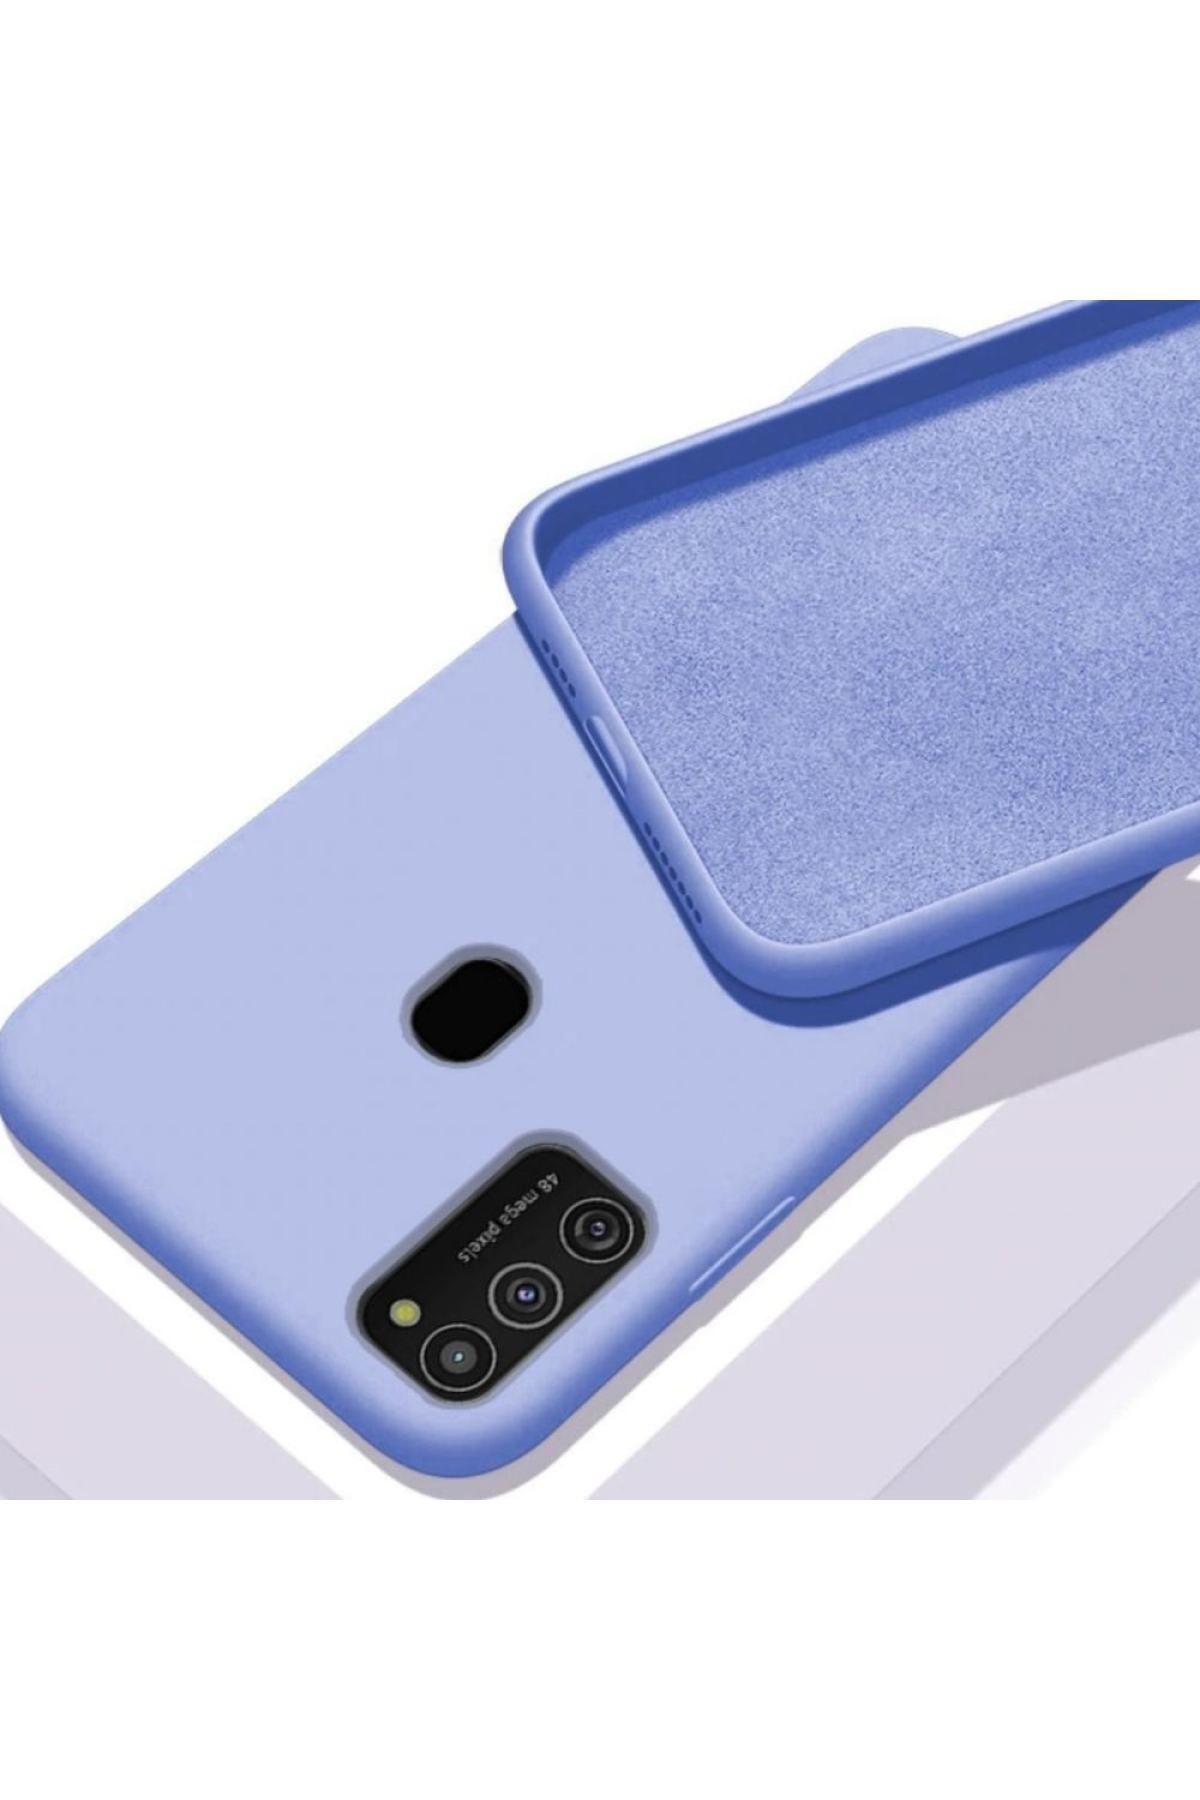 StectMobile Samsung Galaxy M31 Içi Uyumlu  Kadife Lansman Kılıf 1